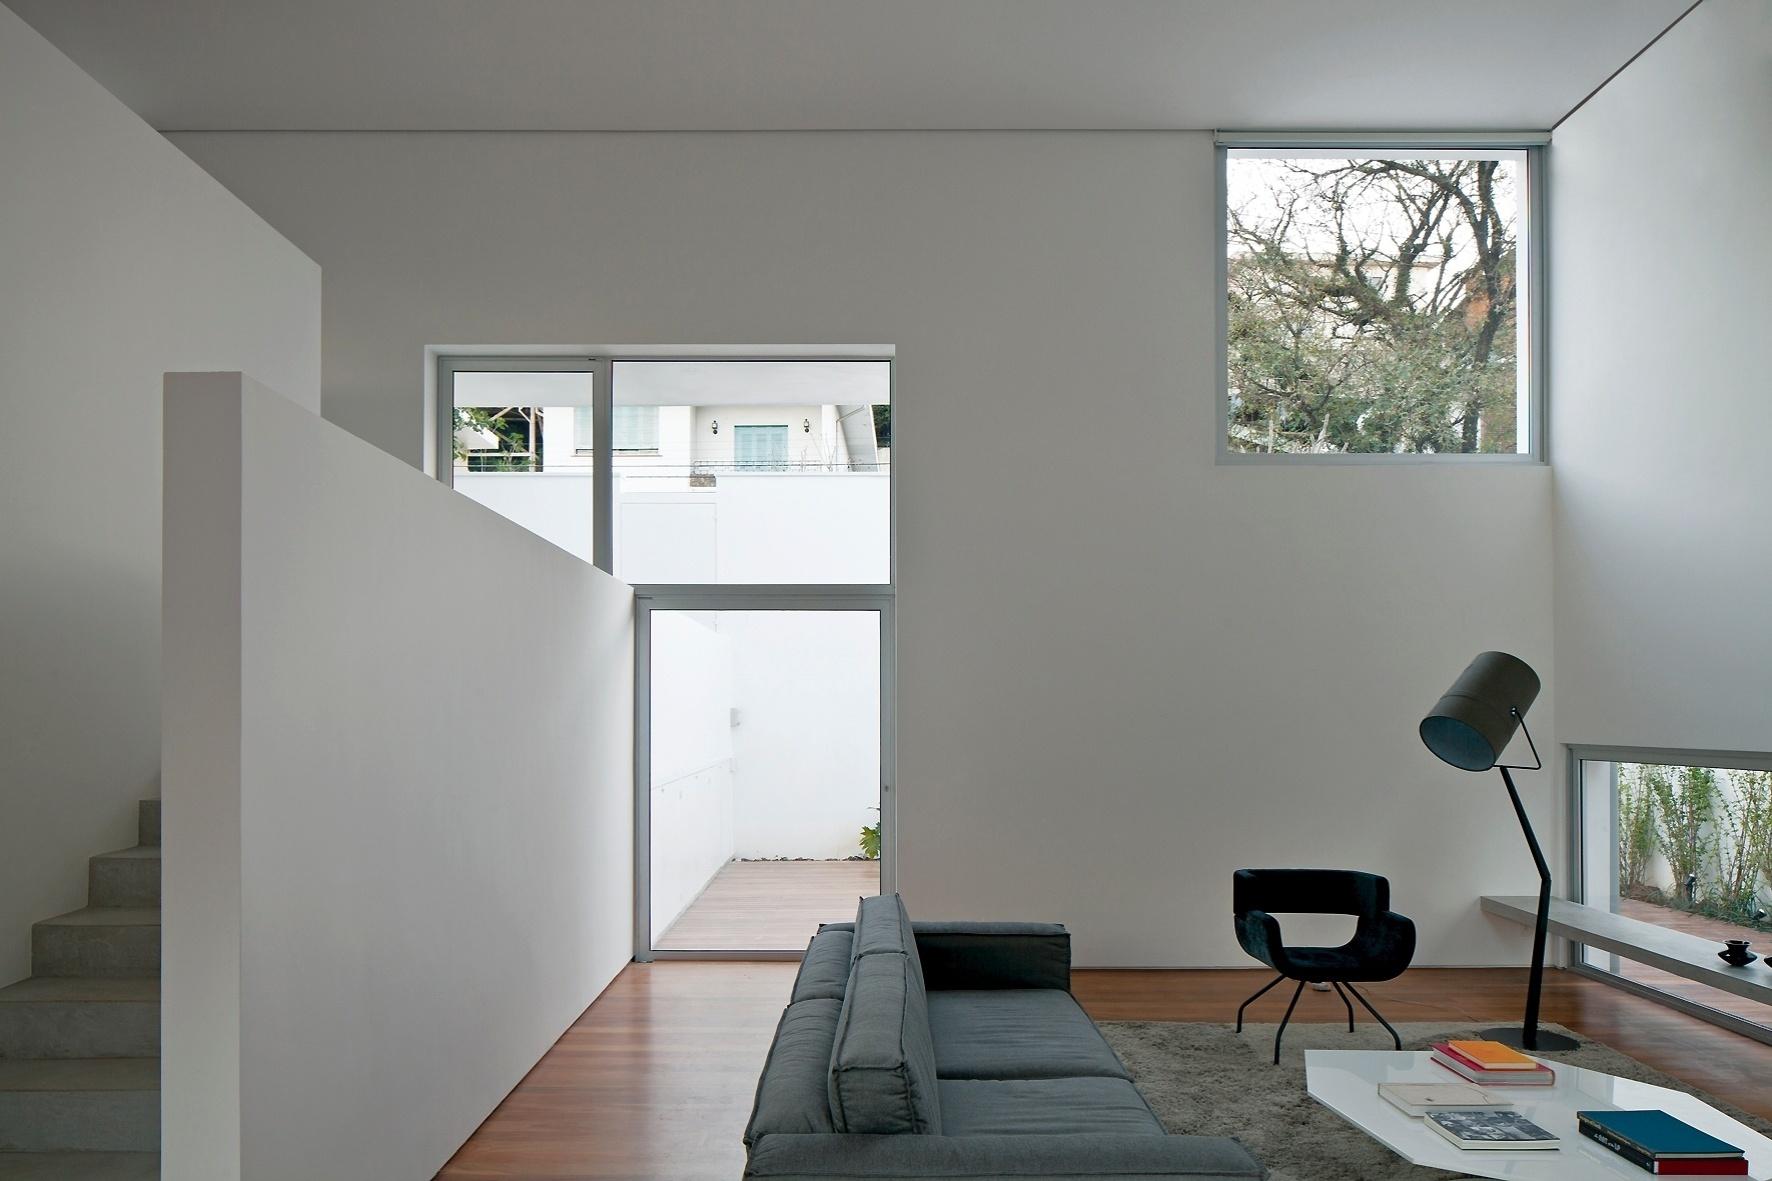 A sala de estar ganha reforço na iluminação natural por conta da janela no canto superior direito. O ambiente ainda tem saída direta para o pátio externo da residência reformada pelo escritório AR Arquitetos